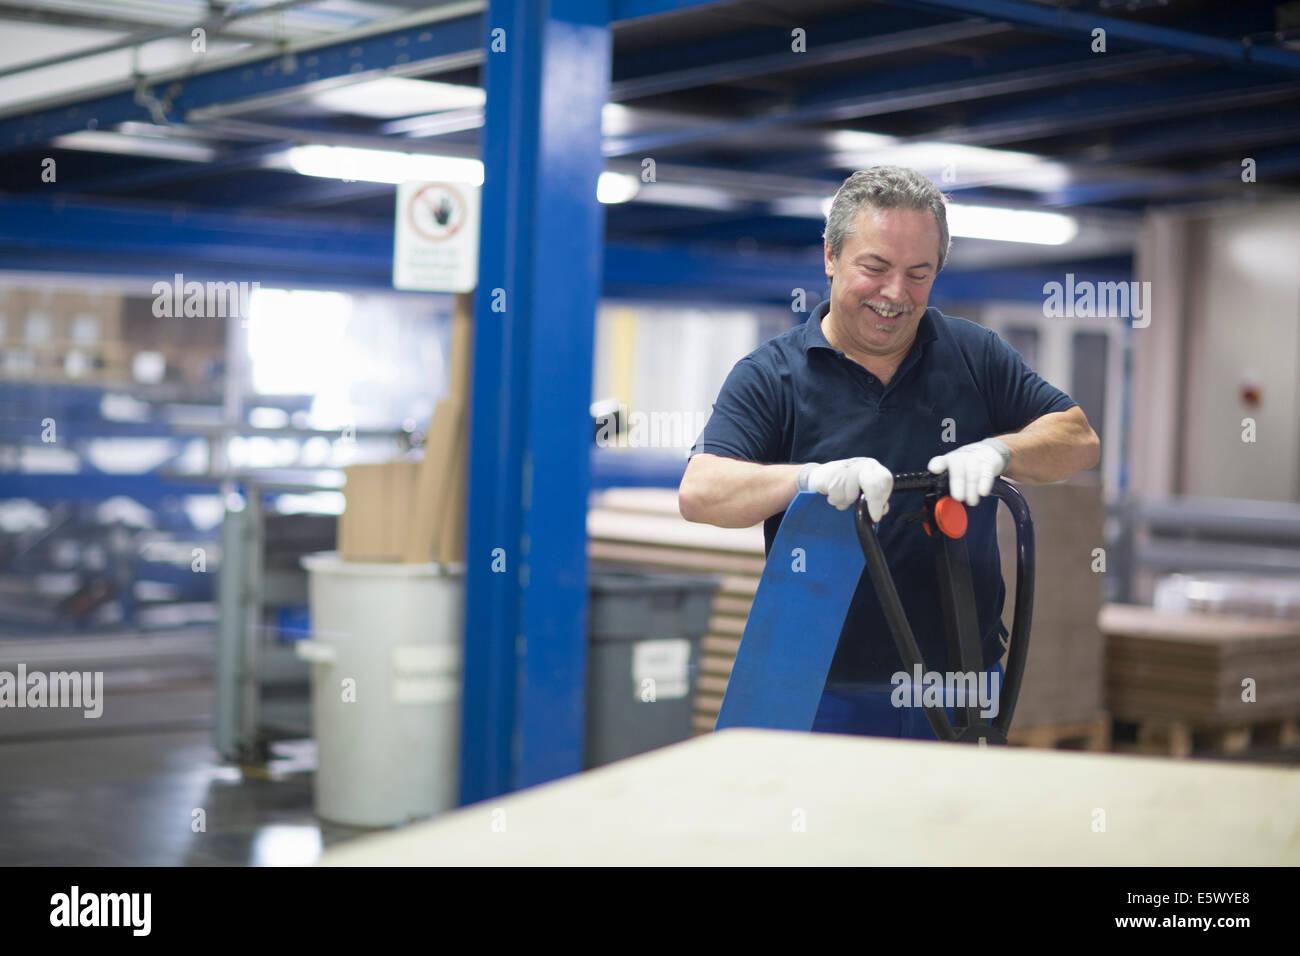 Hauts employé d'usine à l'aide de transpalette Photo Stock